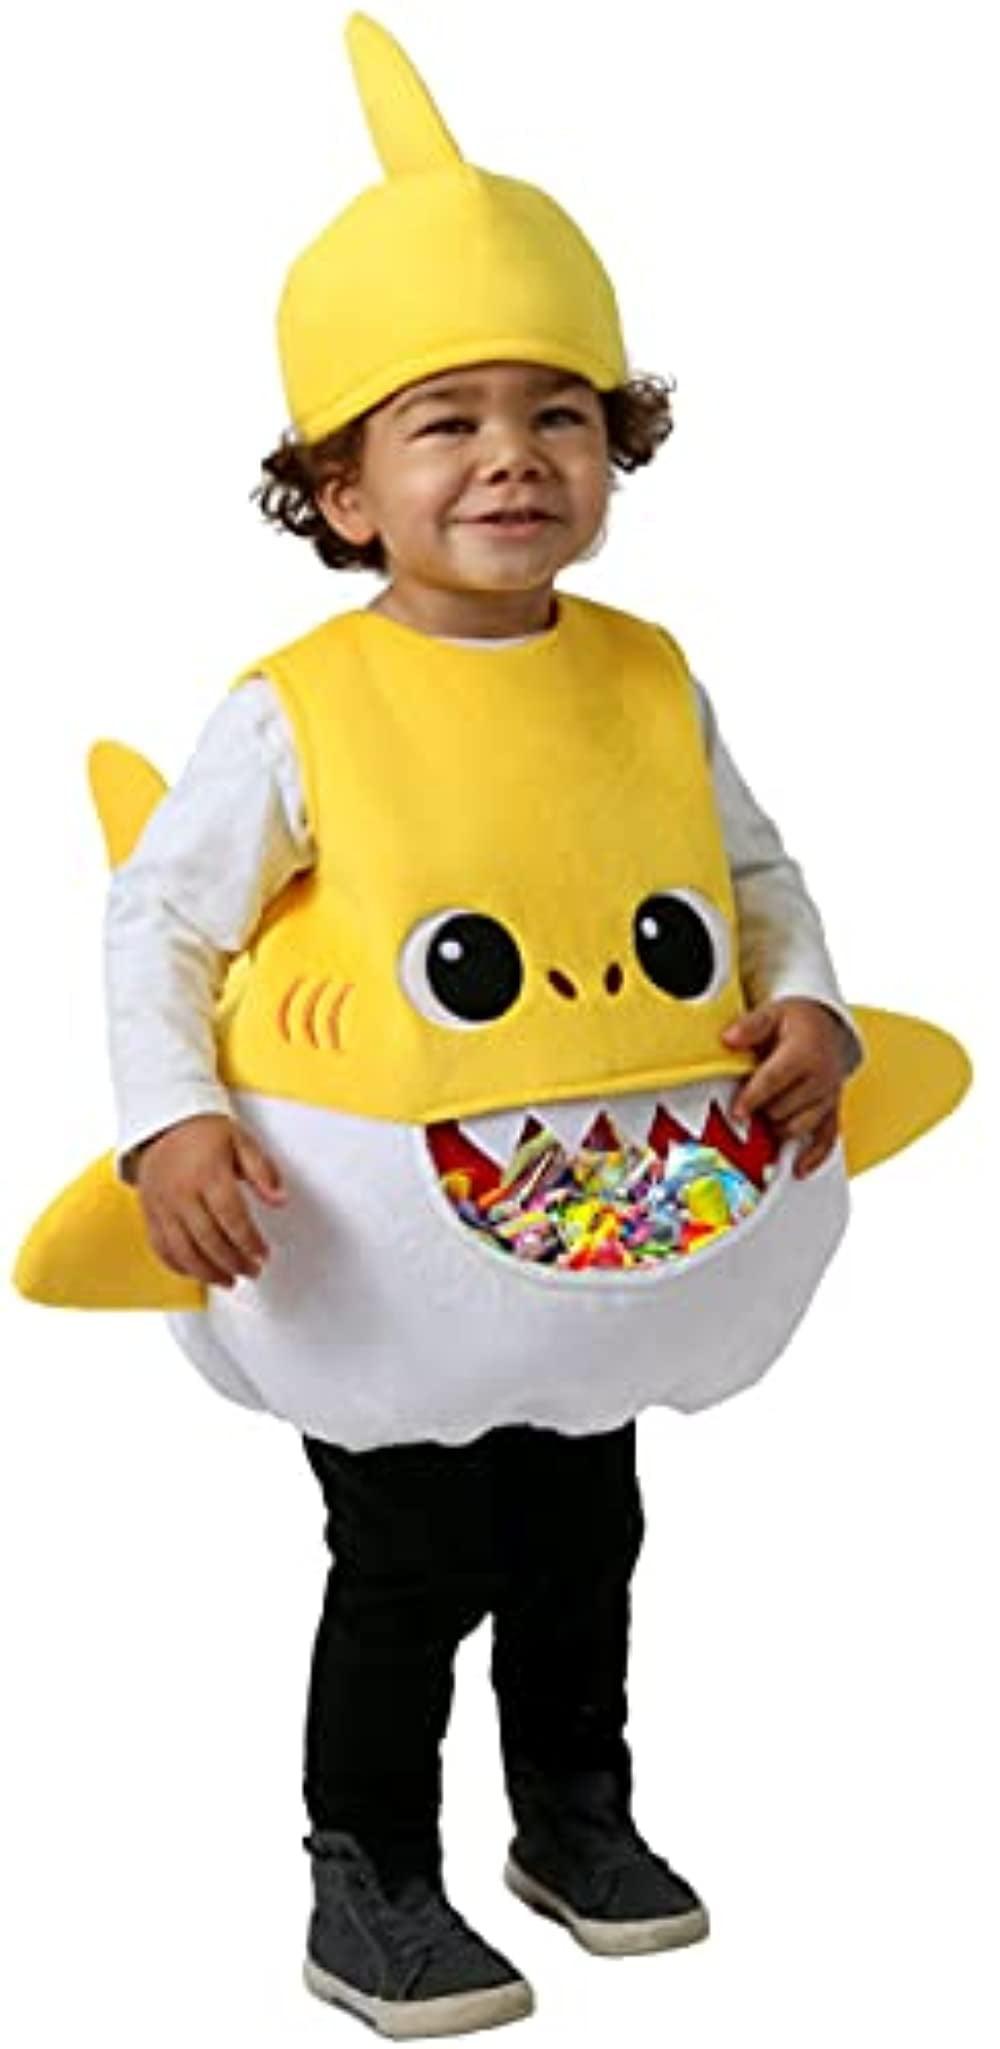 Baby Shark Yellow Pinkfong Unisex Infant Animal Halloween Costume